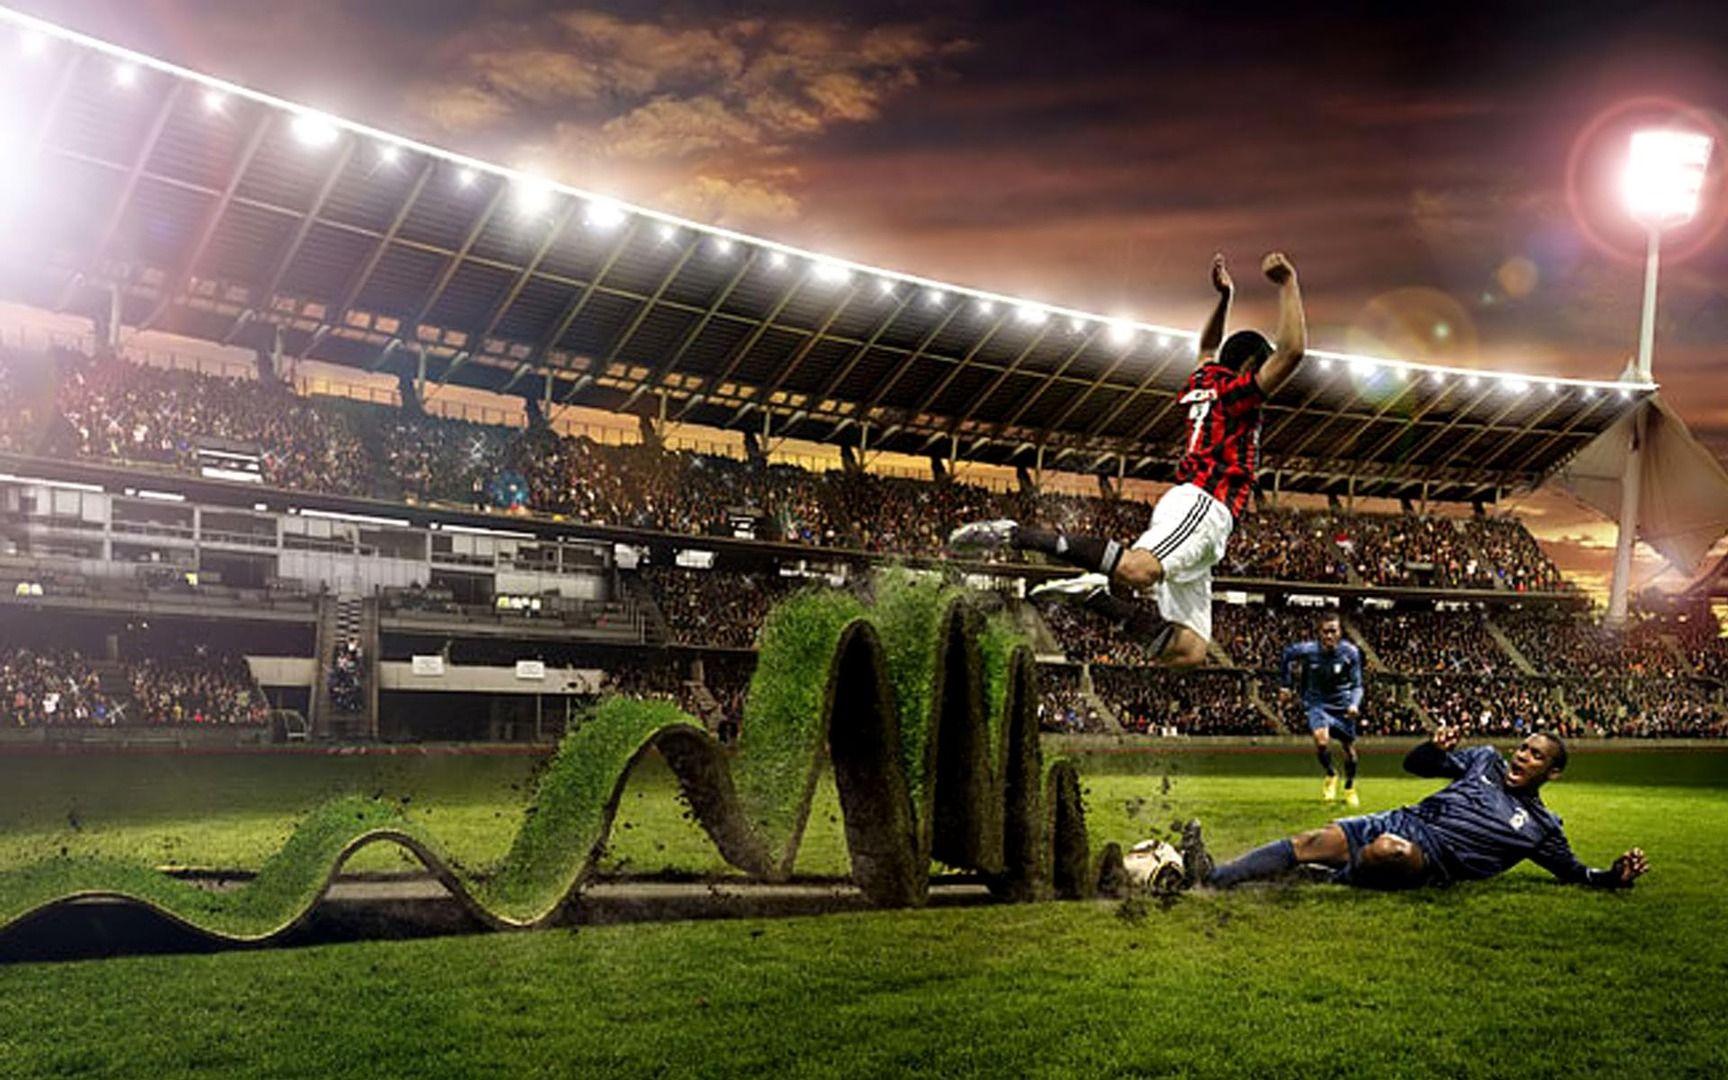 Football Tackle 1080p Hd Wallpaper Sports Hd Wallpapers Source Umorismo Calcistico Foto Di Calcio Immagini